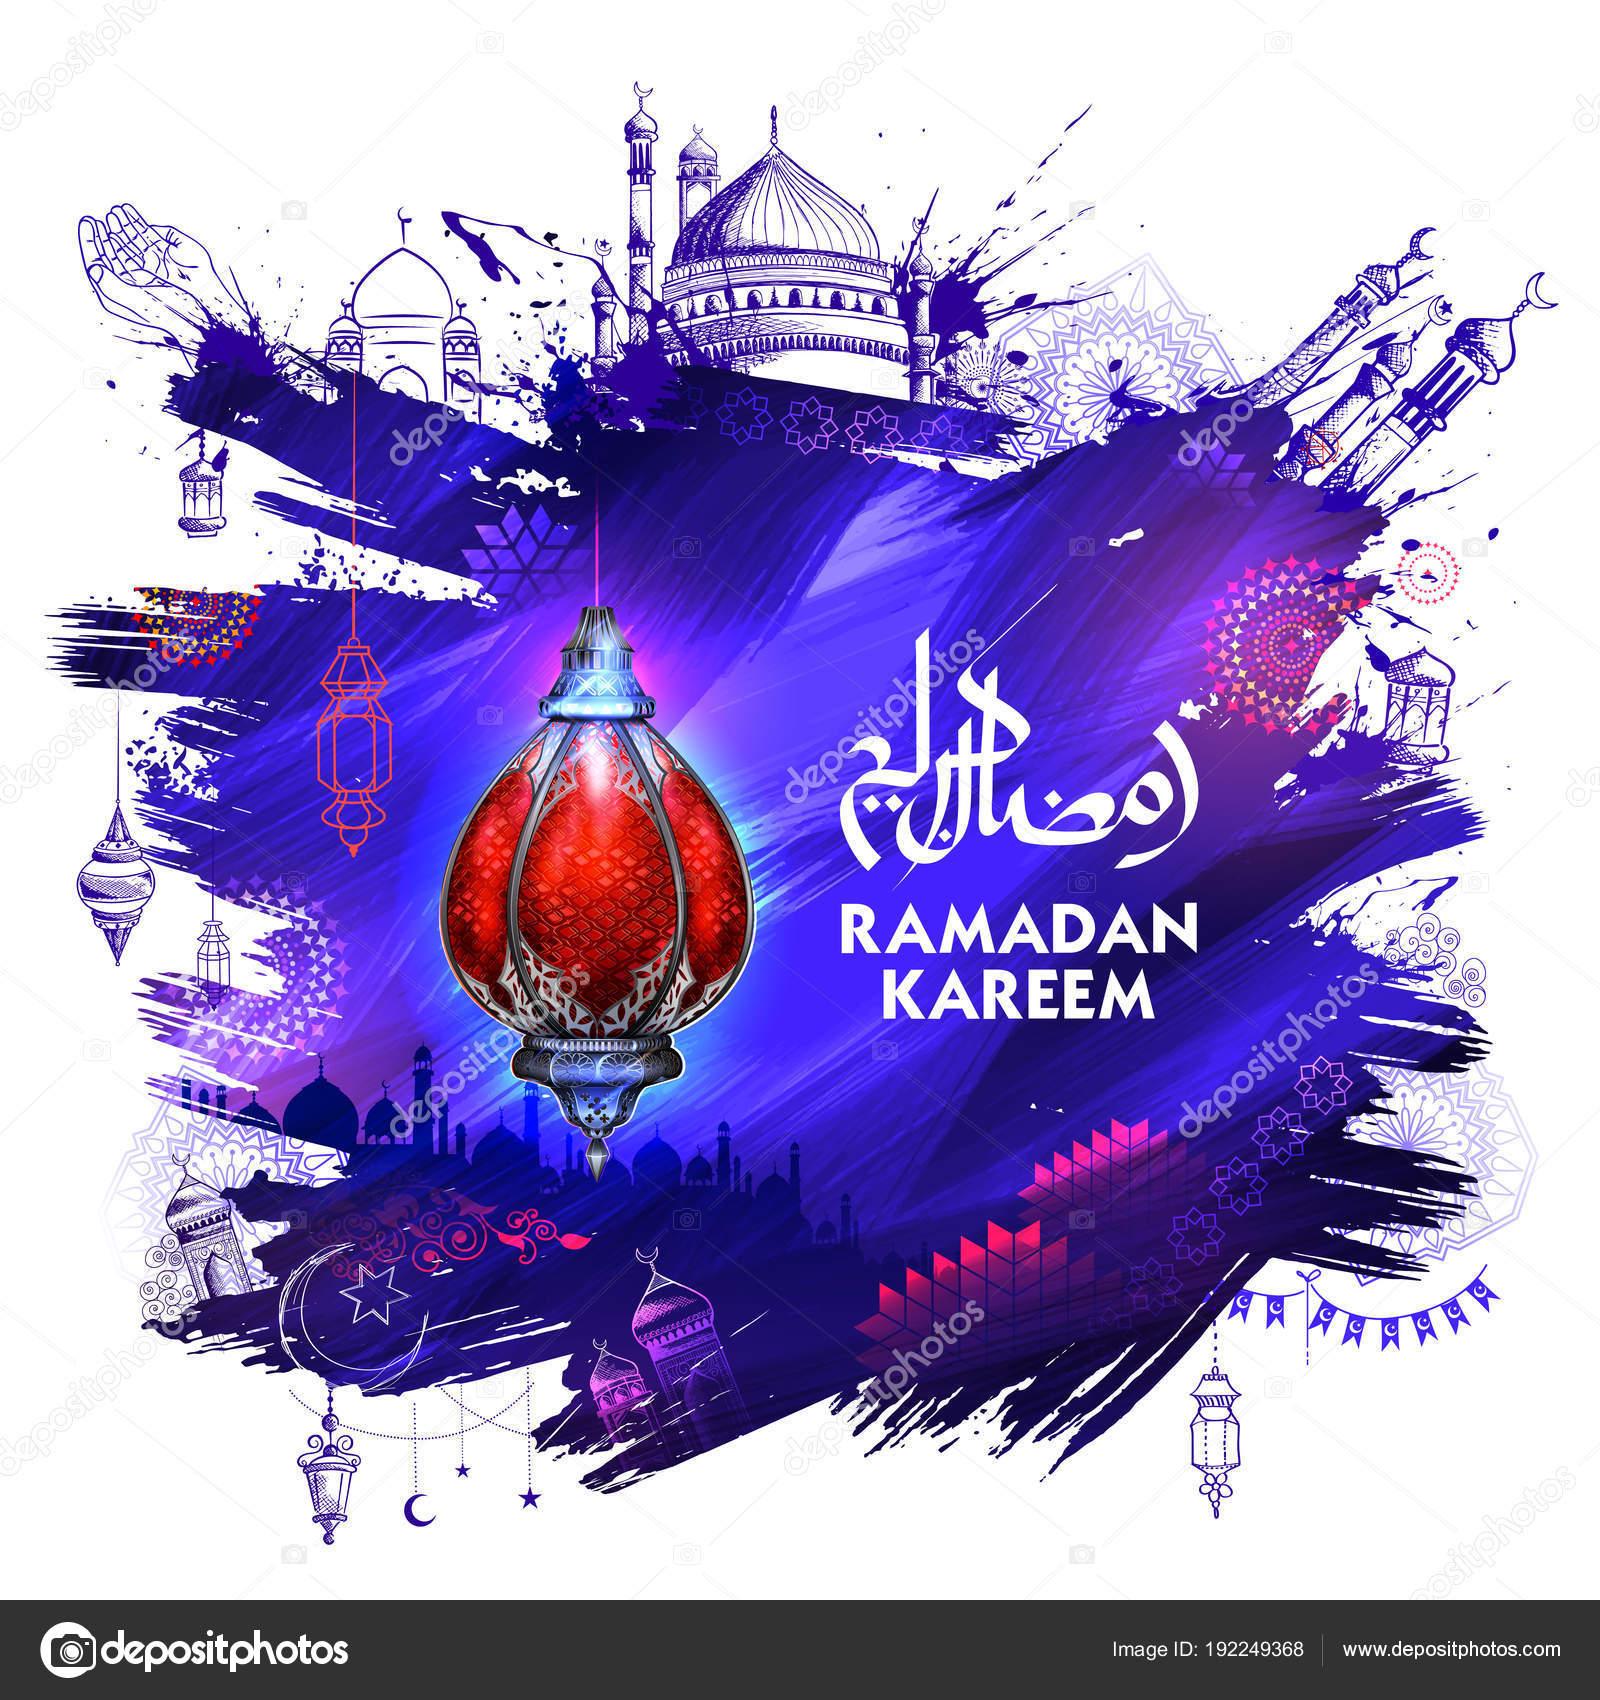 Ramadan kareem generous ramadan greetings for islam religious ramadan kareem generous ramadan greetings for islam religious festival eid with freehand sketch mecca building m4hsunfo Images